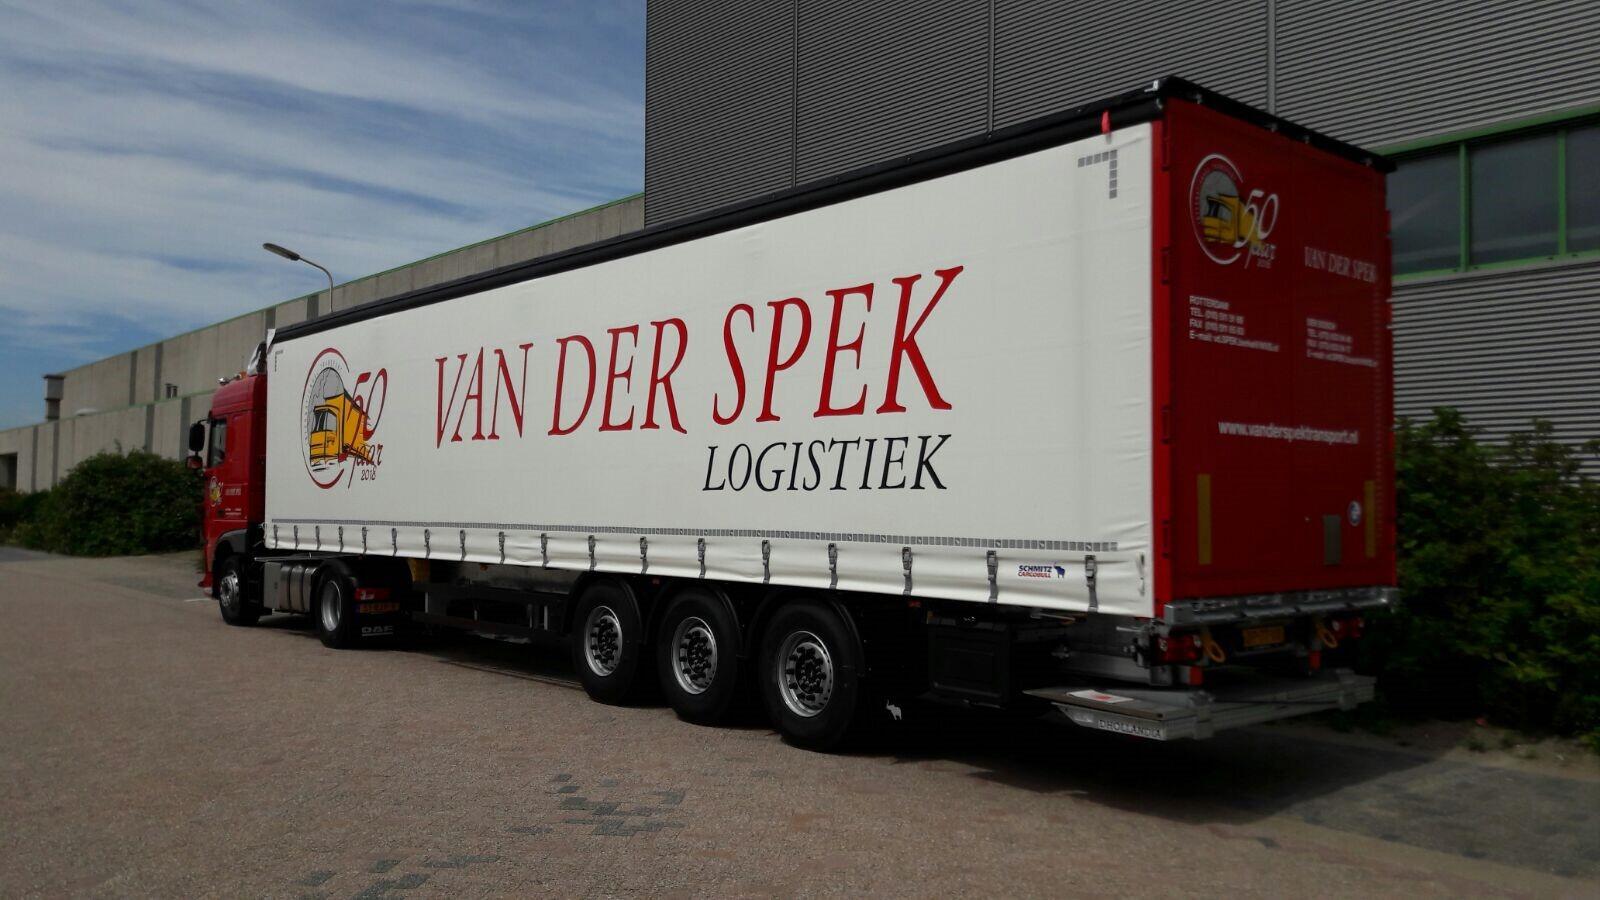 Alexander van der Spek